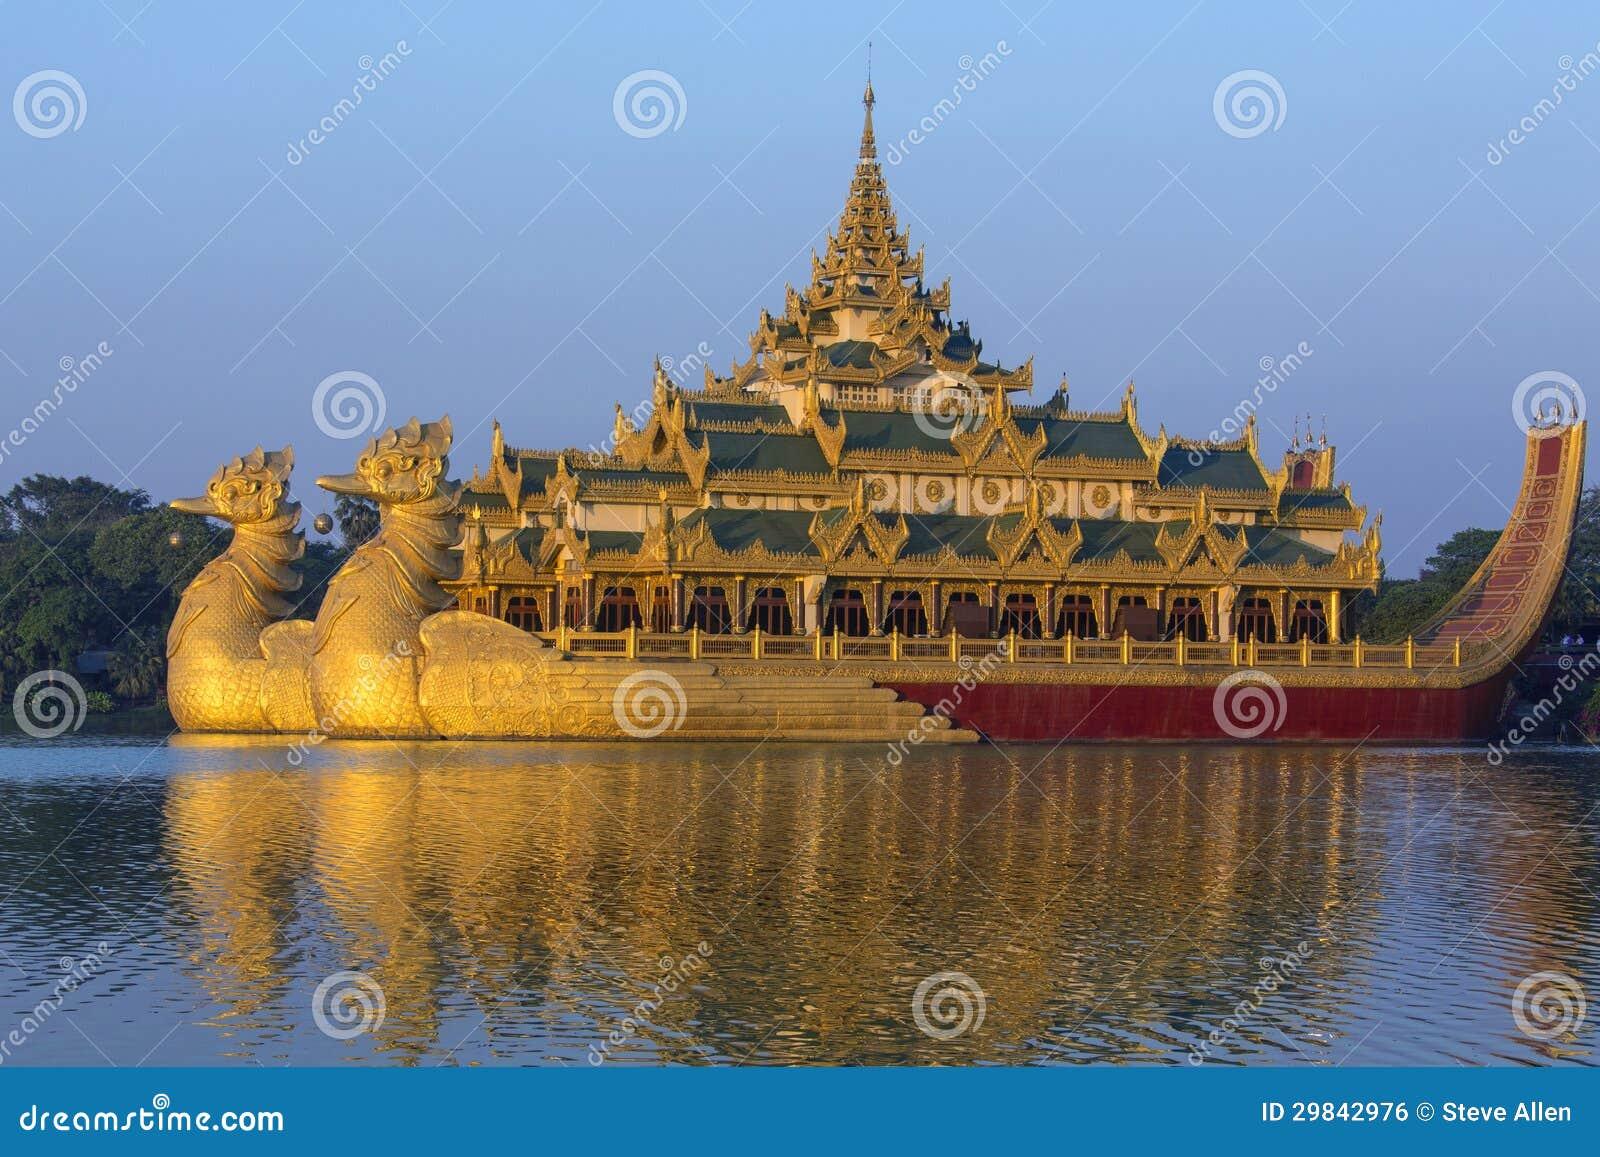 Lago Kandawgyi - Karaweik - Yangon - Myanmar